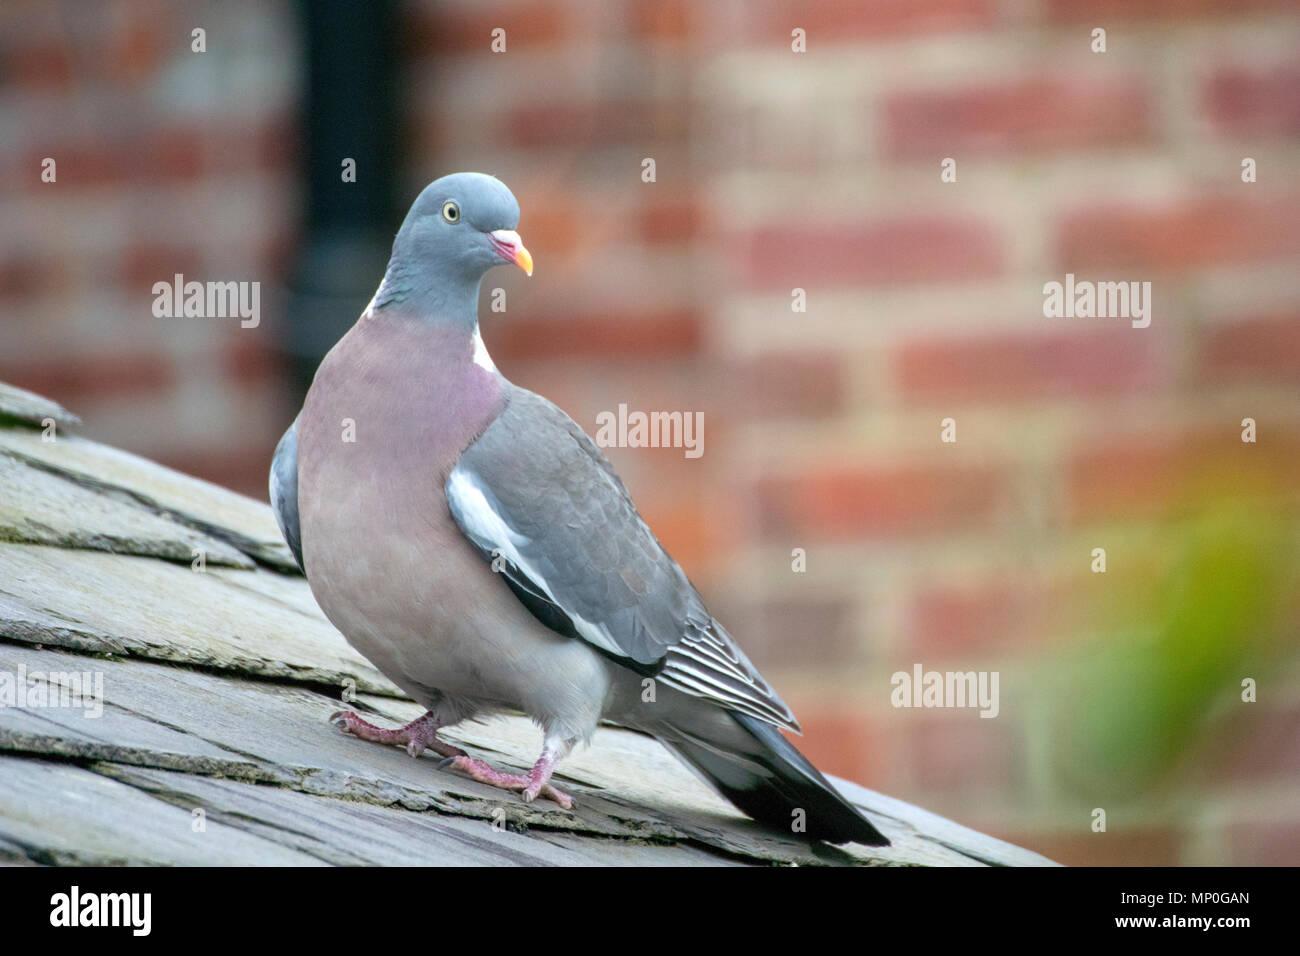 Urbano piccione di legno Immagini Stock